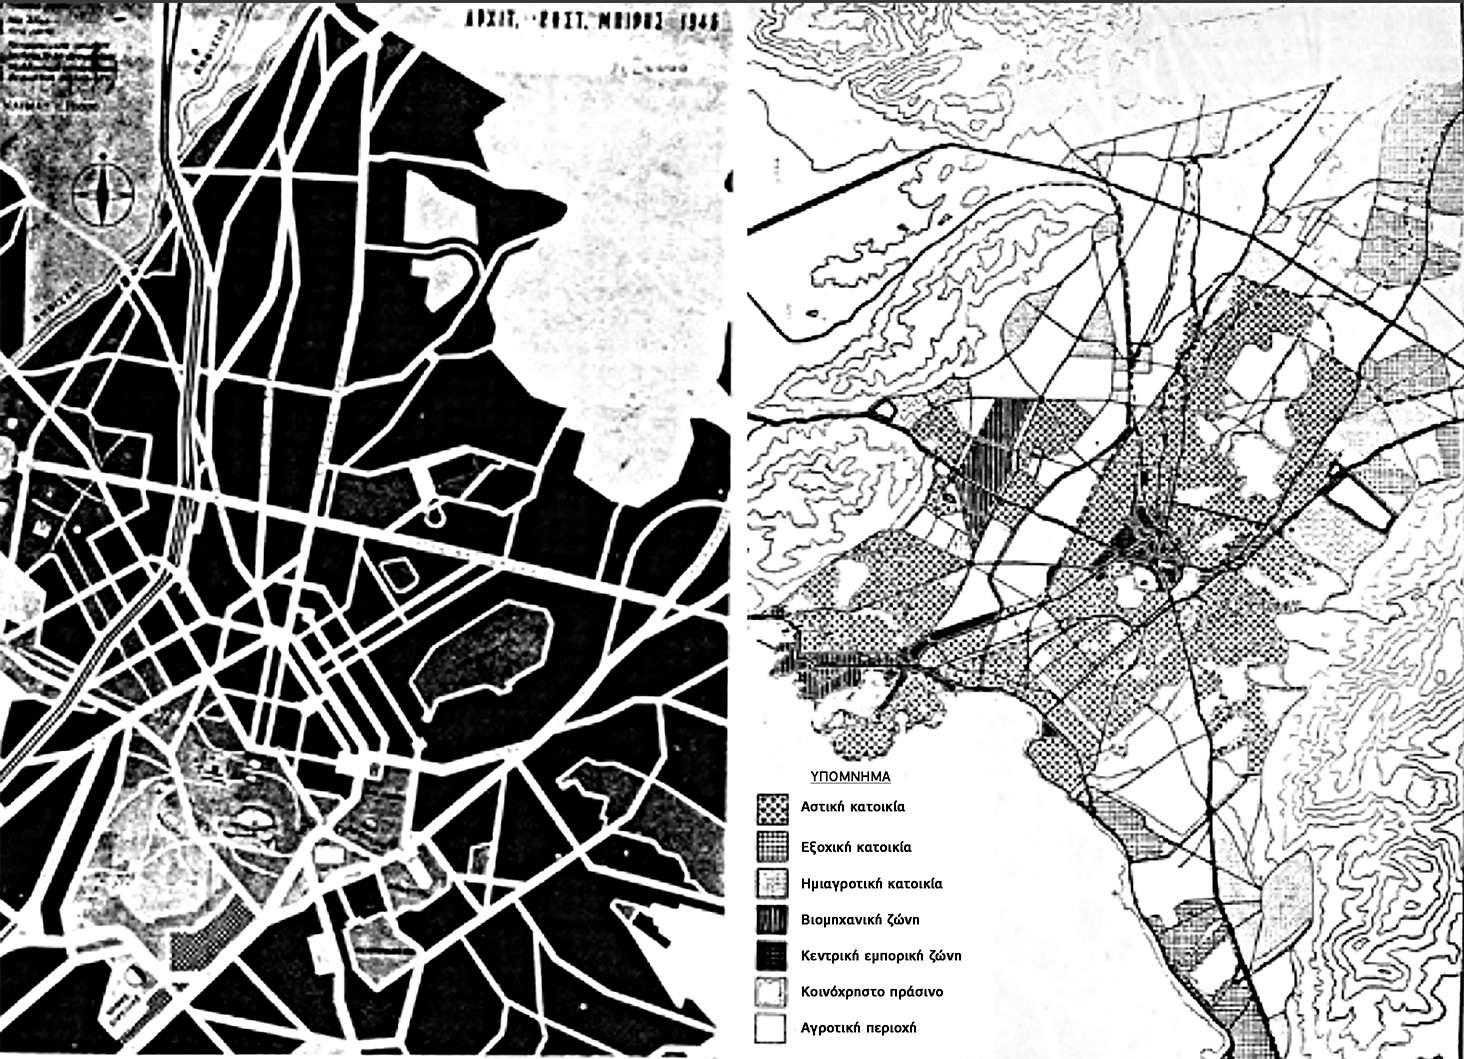 Μπίρης 1945 Κ Δοξιάδης 1947